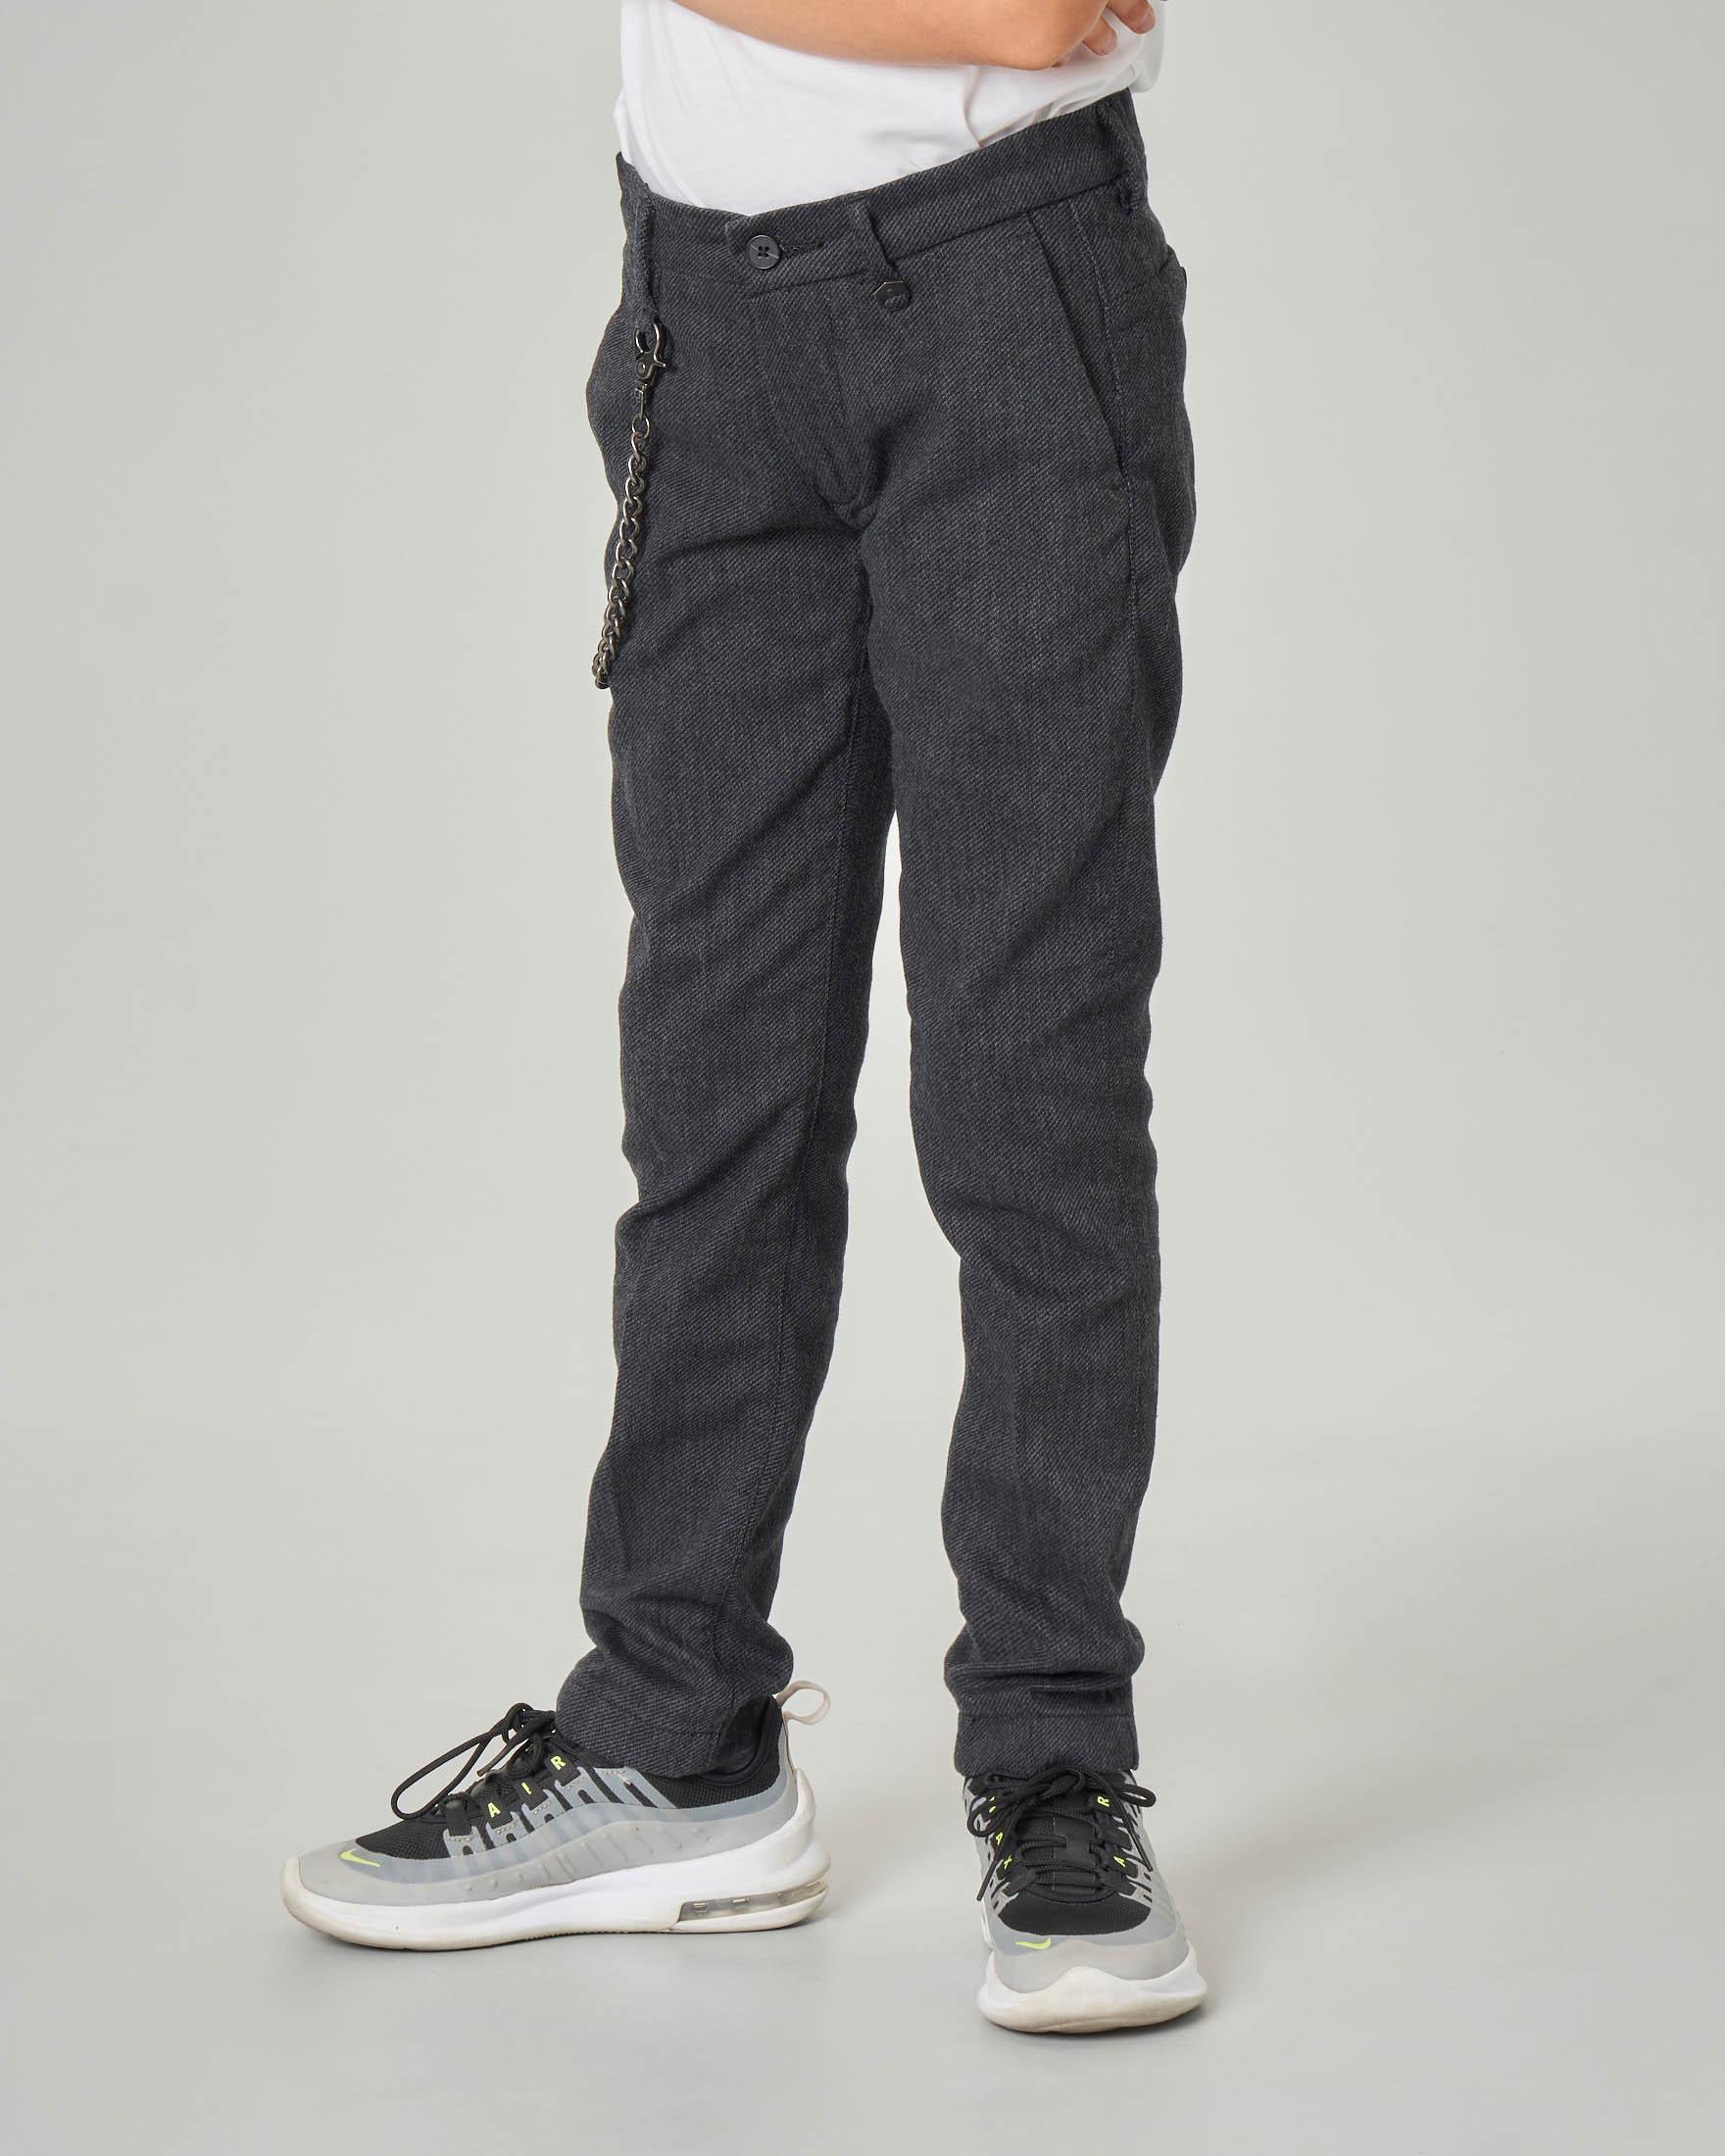 Pantalone grigio antracite con catena applicata in tessuto diagonale 10-14 anni